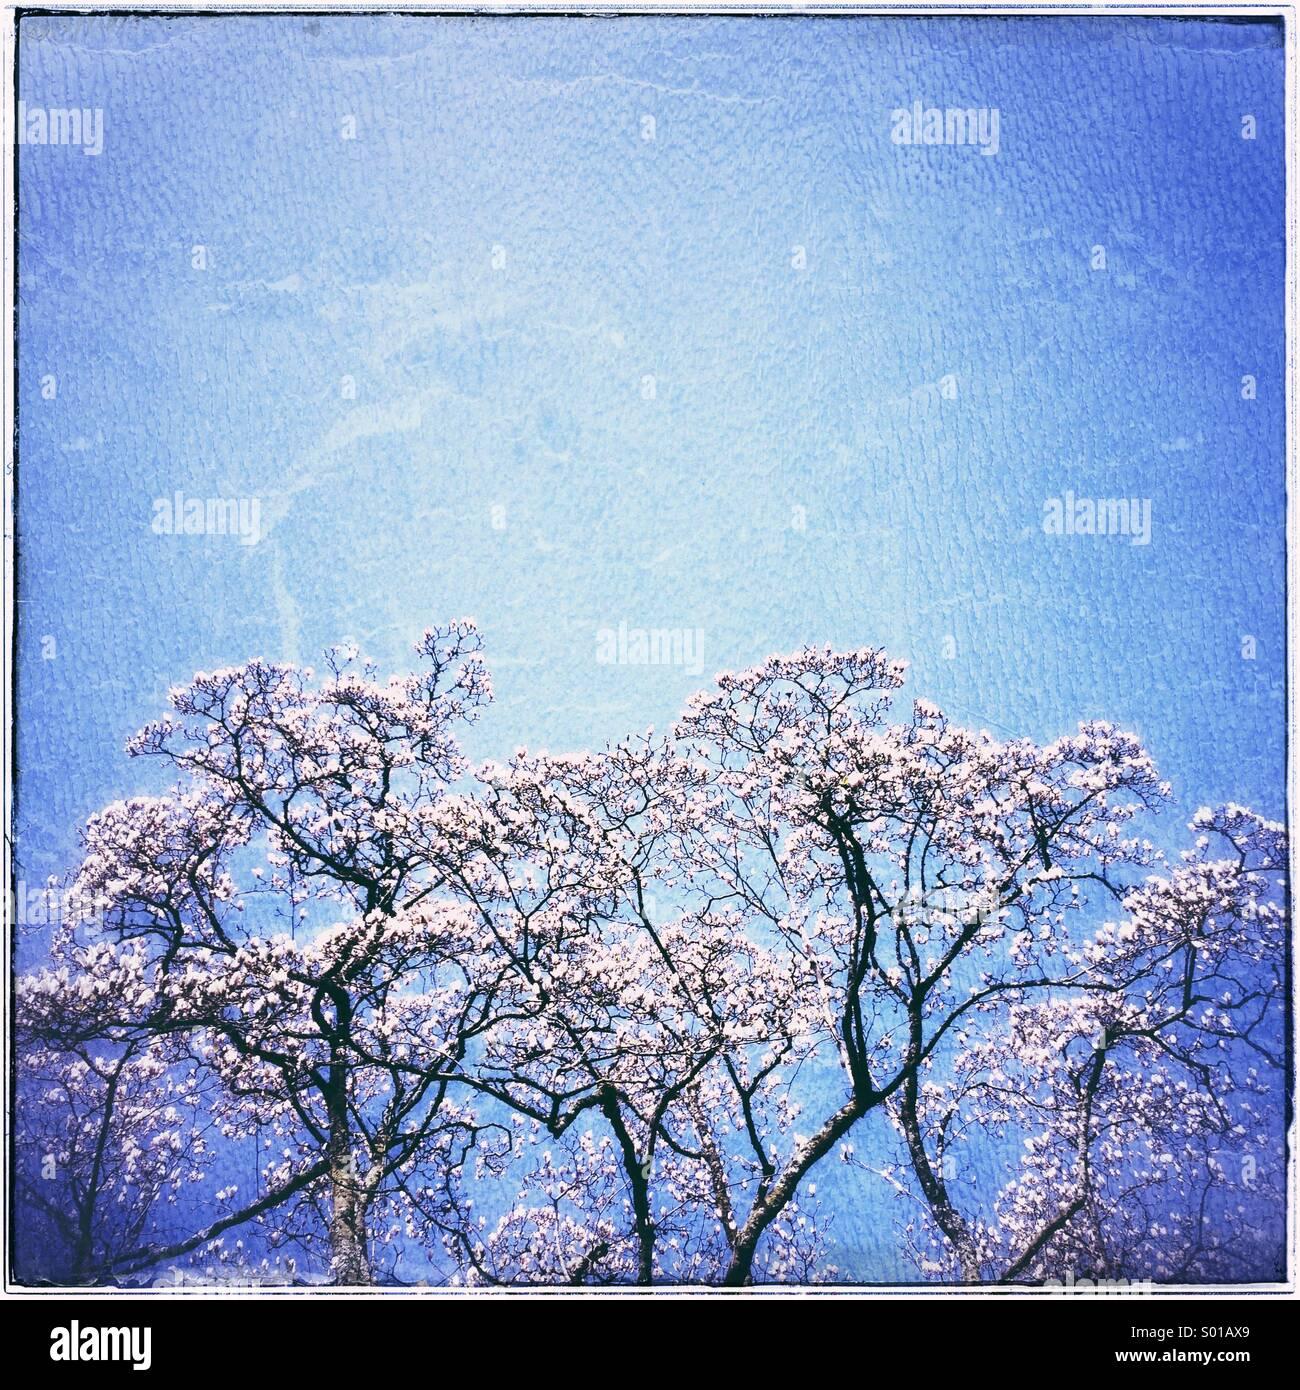 Baum Blüte gegen blauen Himmel Stockbild